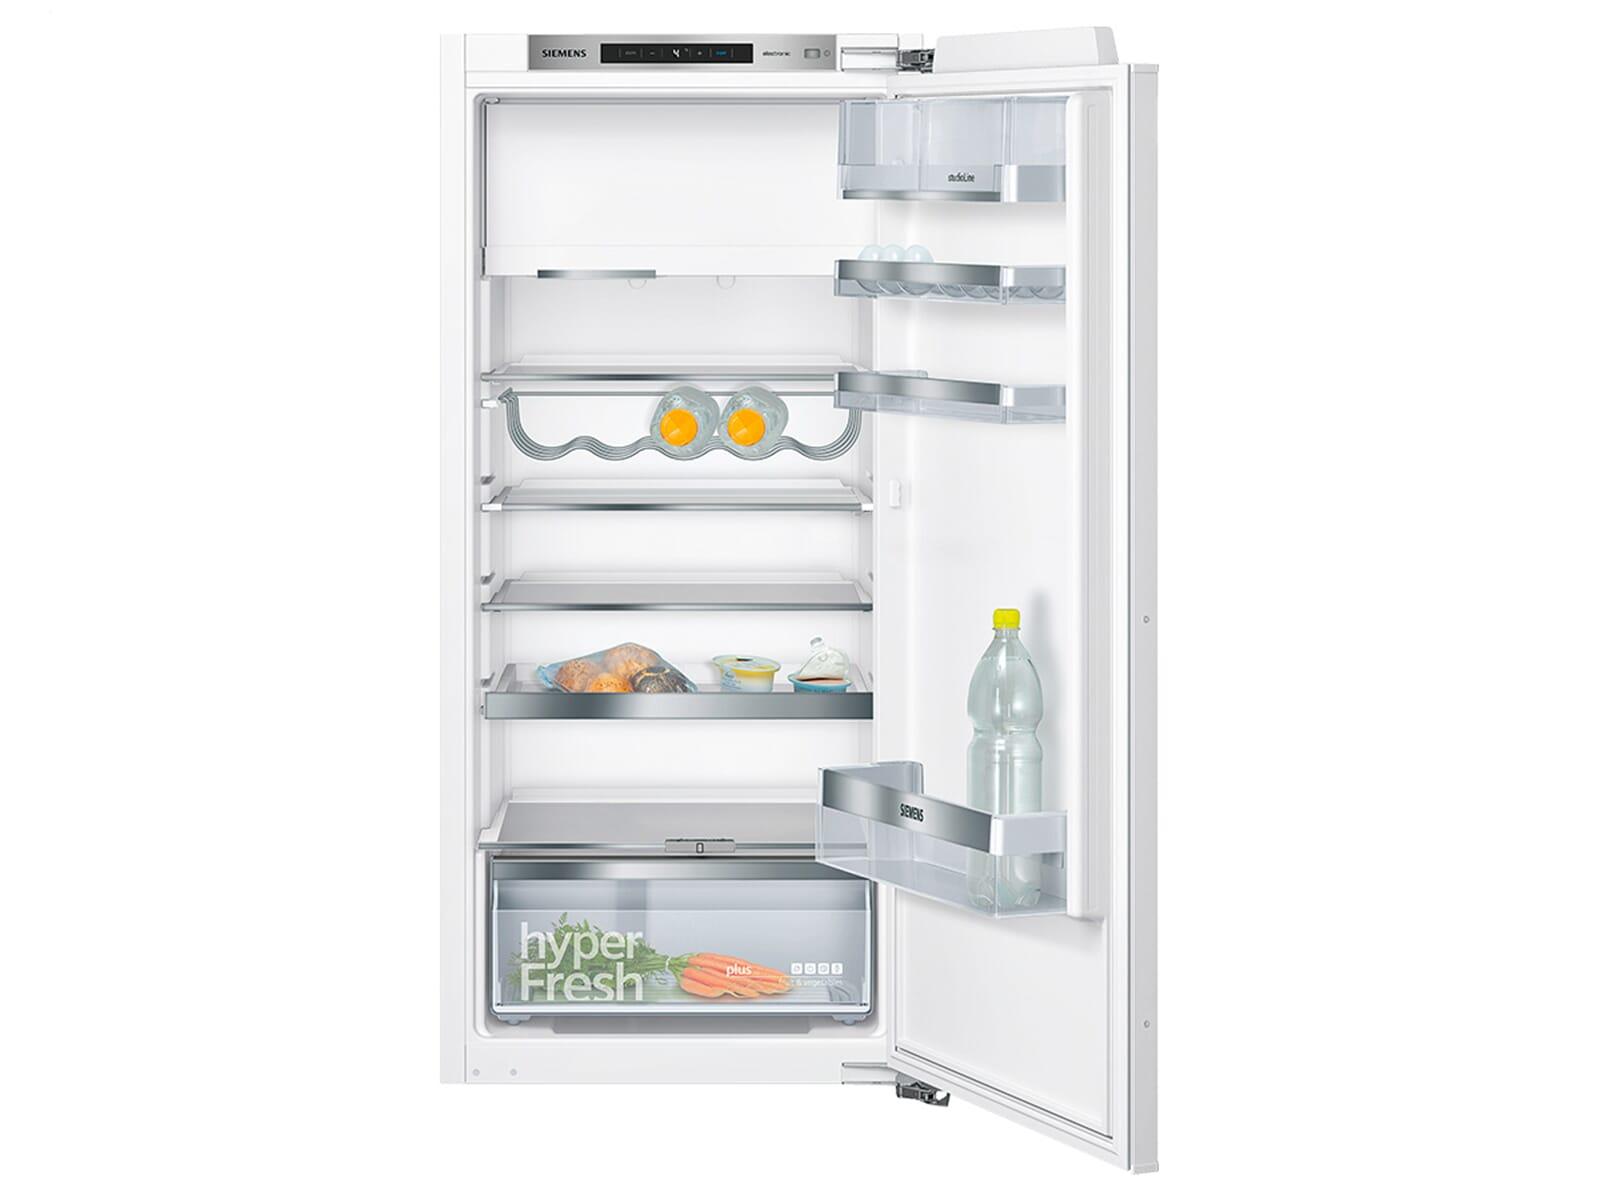 Siemens Studioline Kühlschrank : Siemens studioline ki lsd einbaukühlschrank